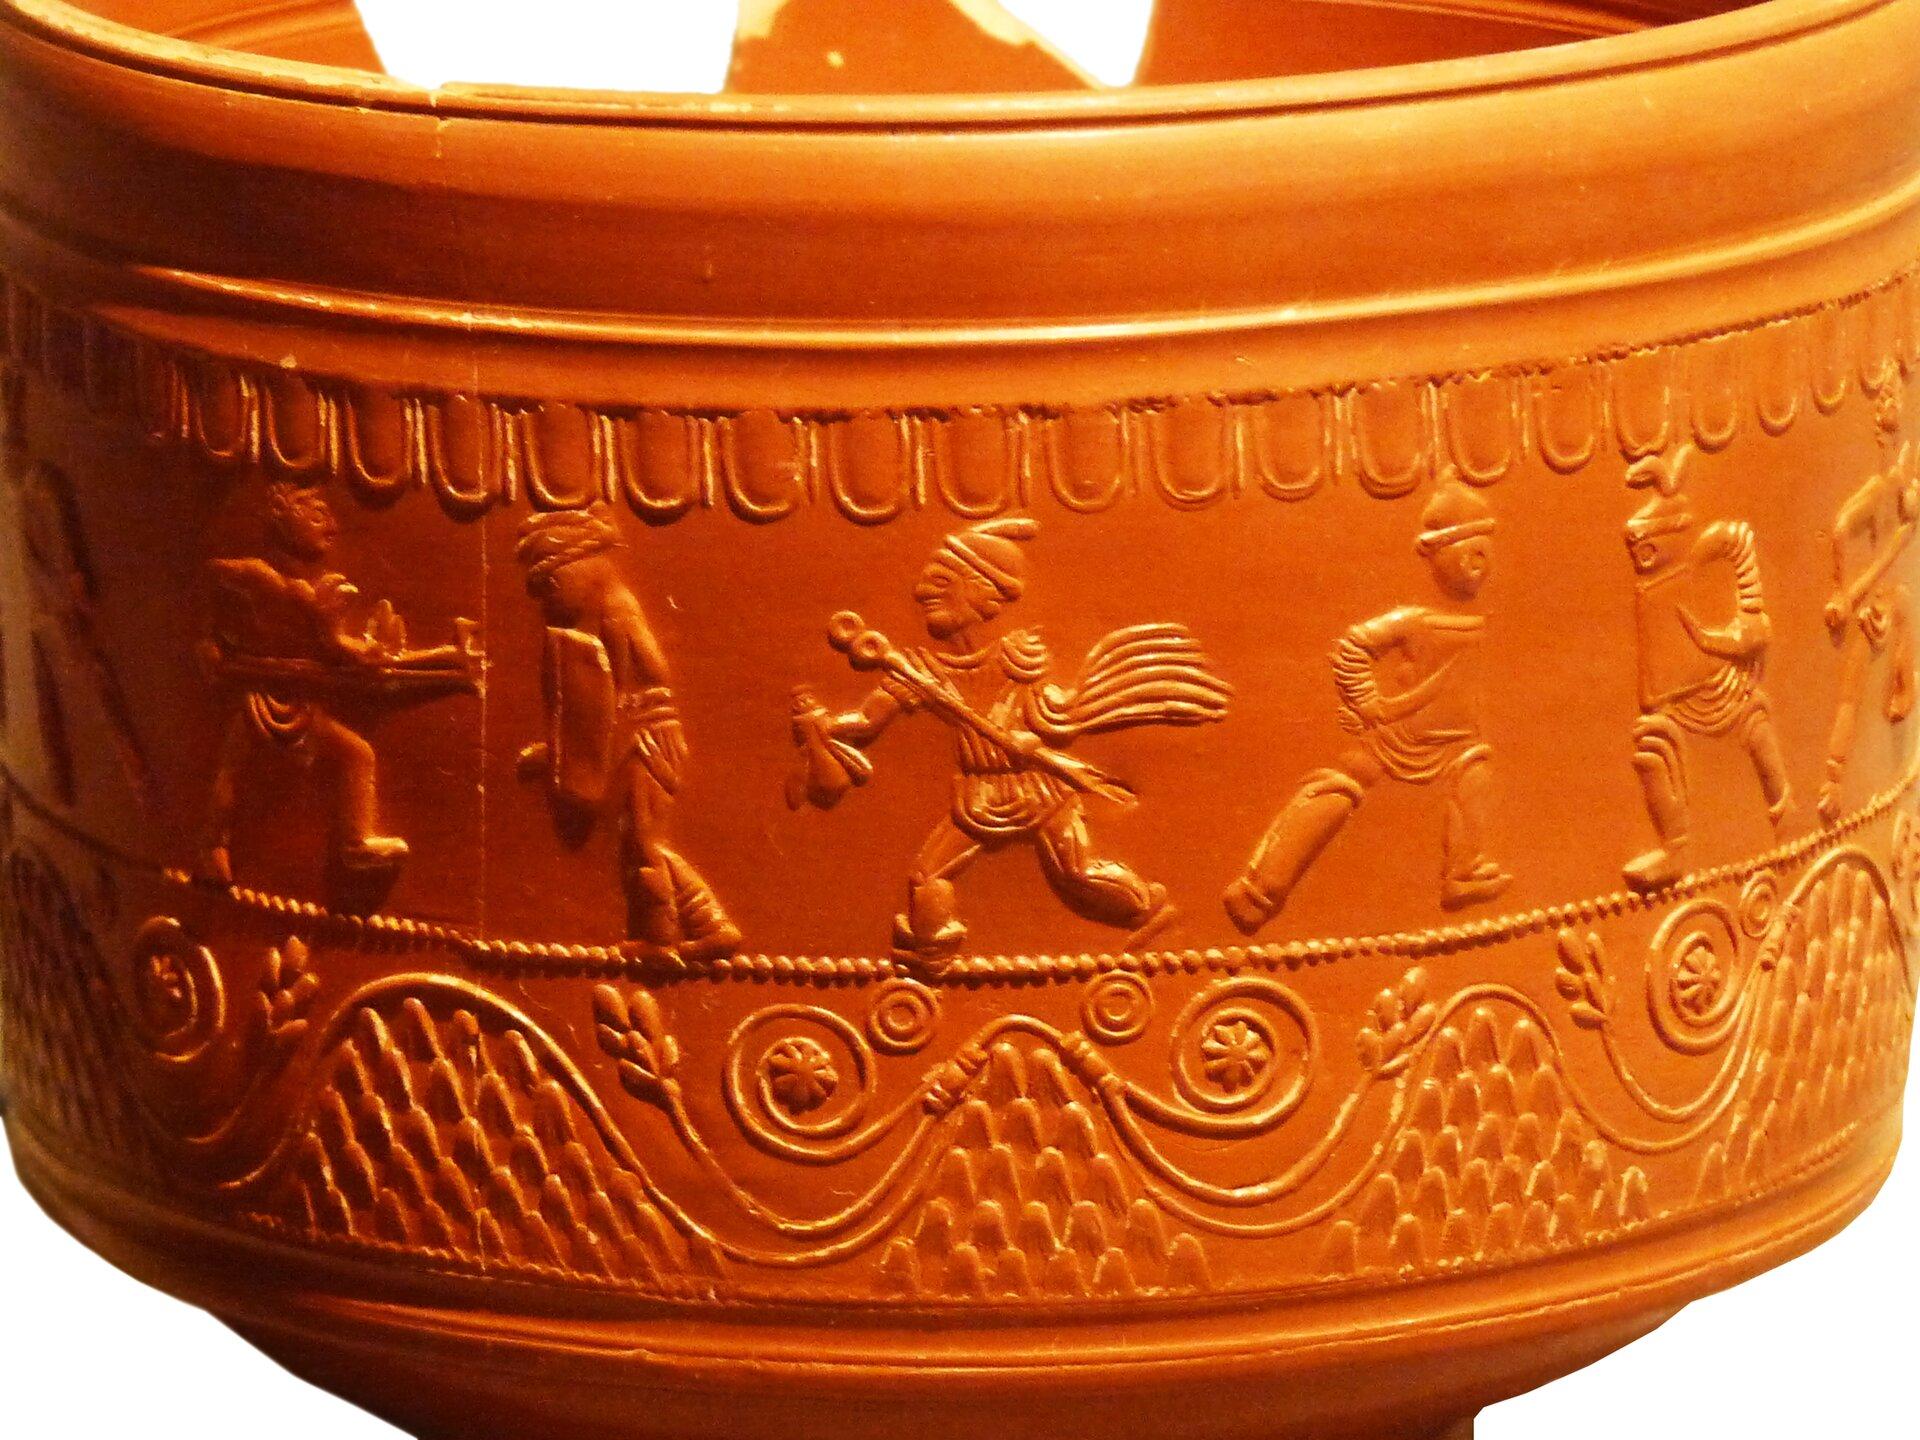 Scena walk gladiatorów na ceramice rzymskiej zterenu Hiszpanii Scena walk gladiatorów na ceramice rzymskiej zterenu Hiszpanii Źródło: Ecelan, domena publiczna.